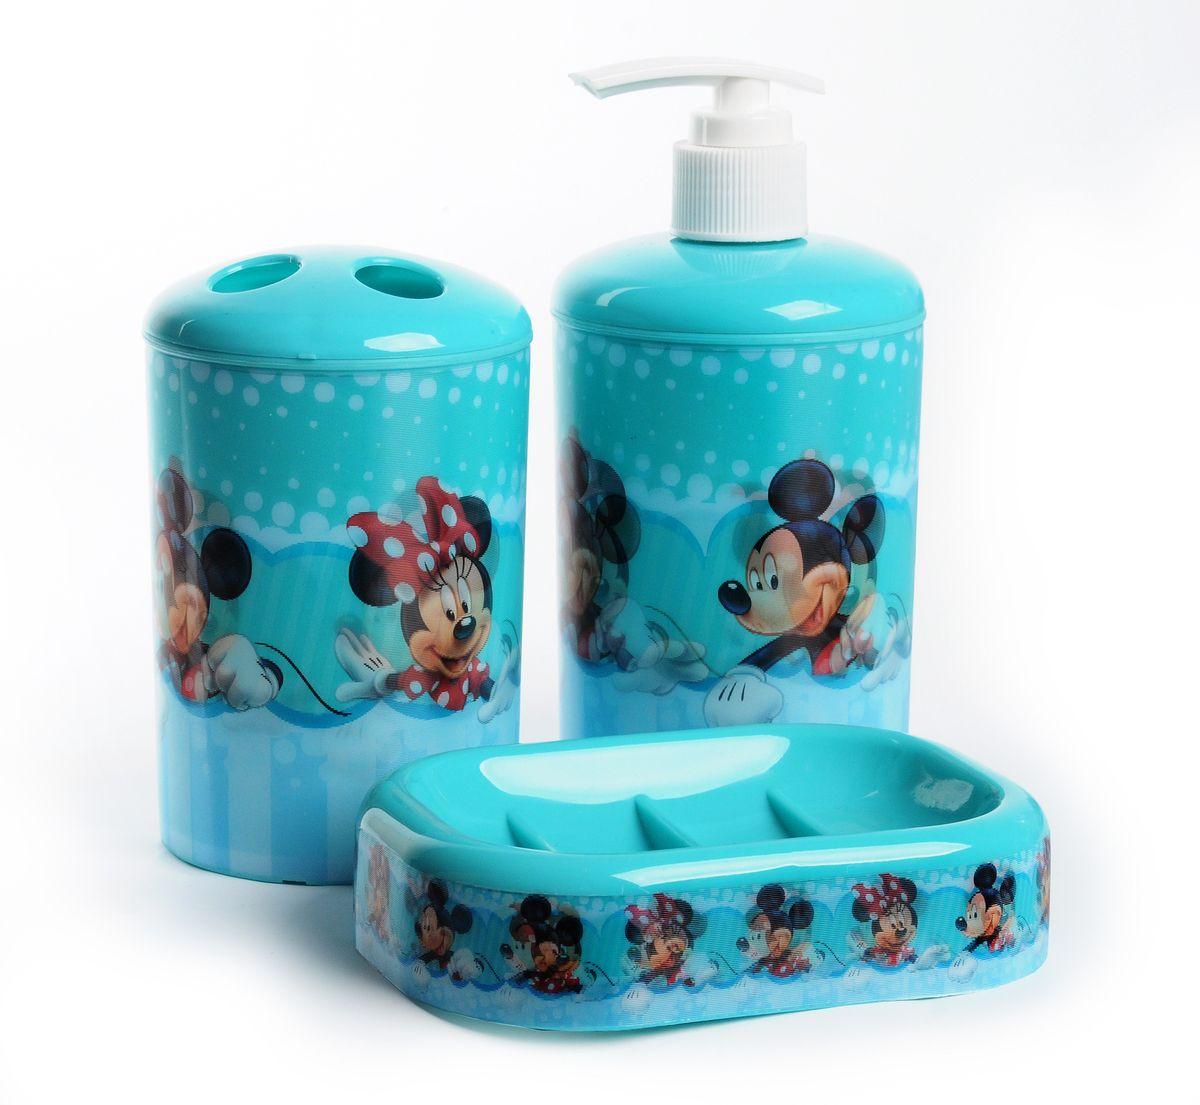 Набор для ванной комнаты Disney Микки и Минни Маус, цвет: голубой, 3 предмета аксессуары для рукоделия disney набор салфеток для декупажа 6 шт красотка минни минни маус 33 х 33 см